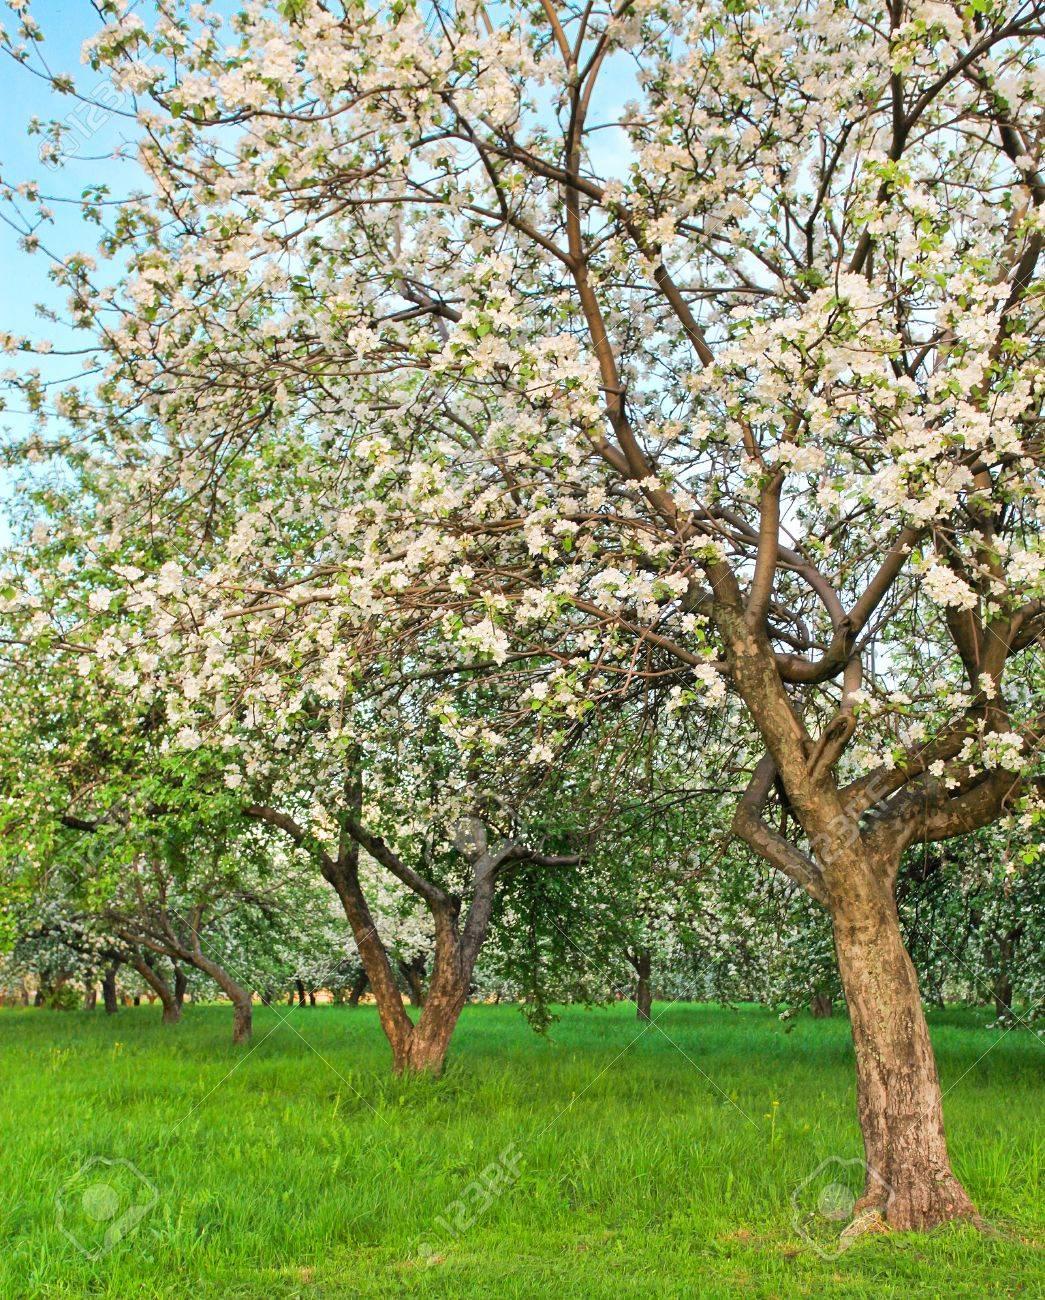 Foto Di Alberi Da Frutto bella fioritura di decorativo mela bianca e alberi da frutto più brillante  nel cielo blu colorato parco primavera vivido pieno di erba verde da luce